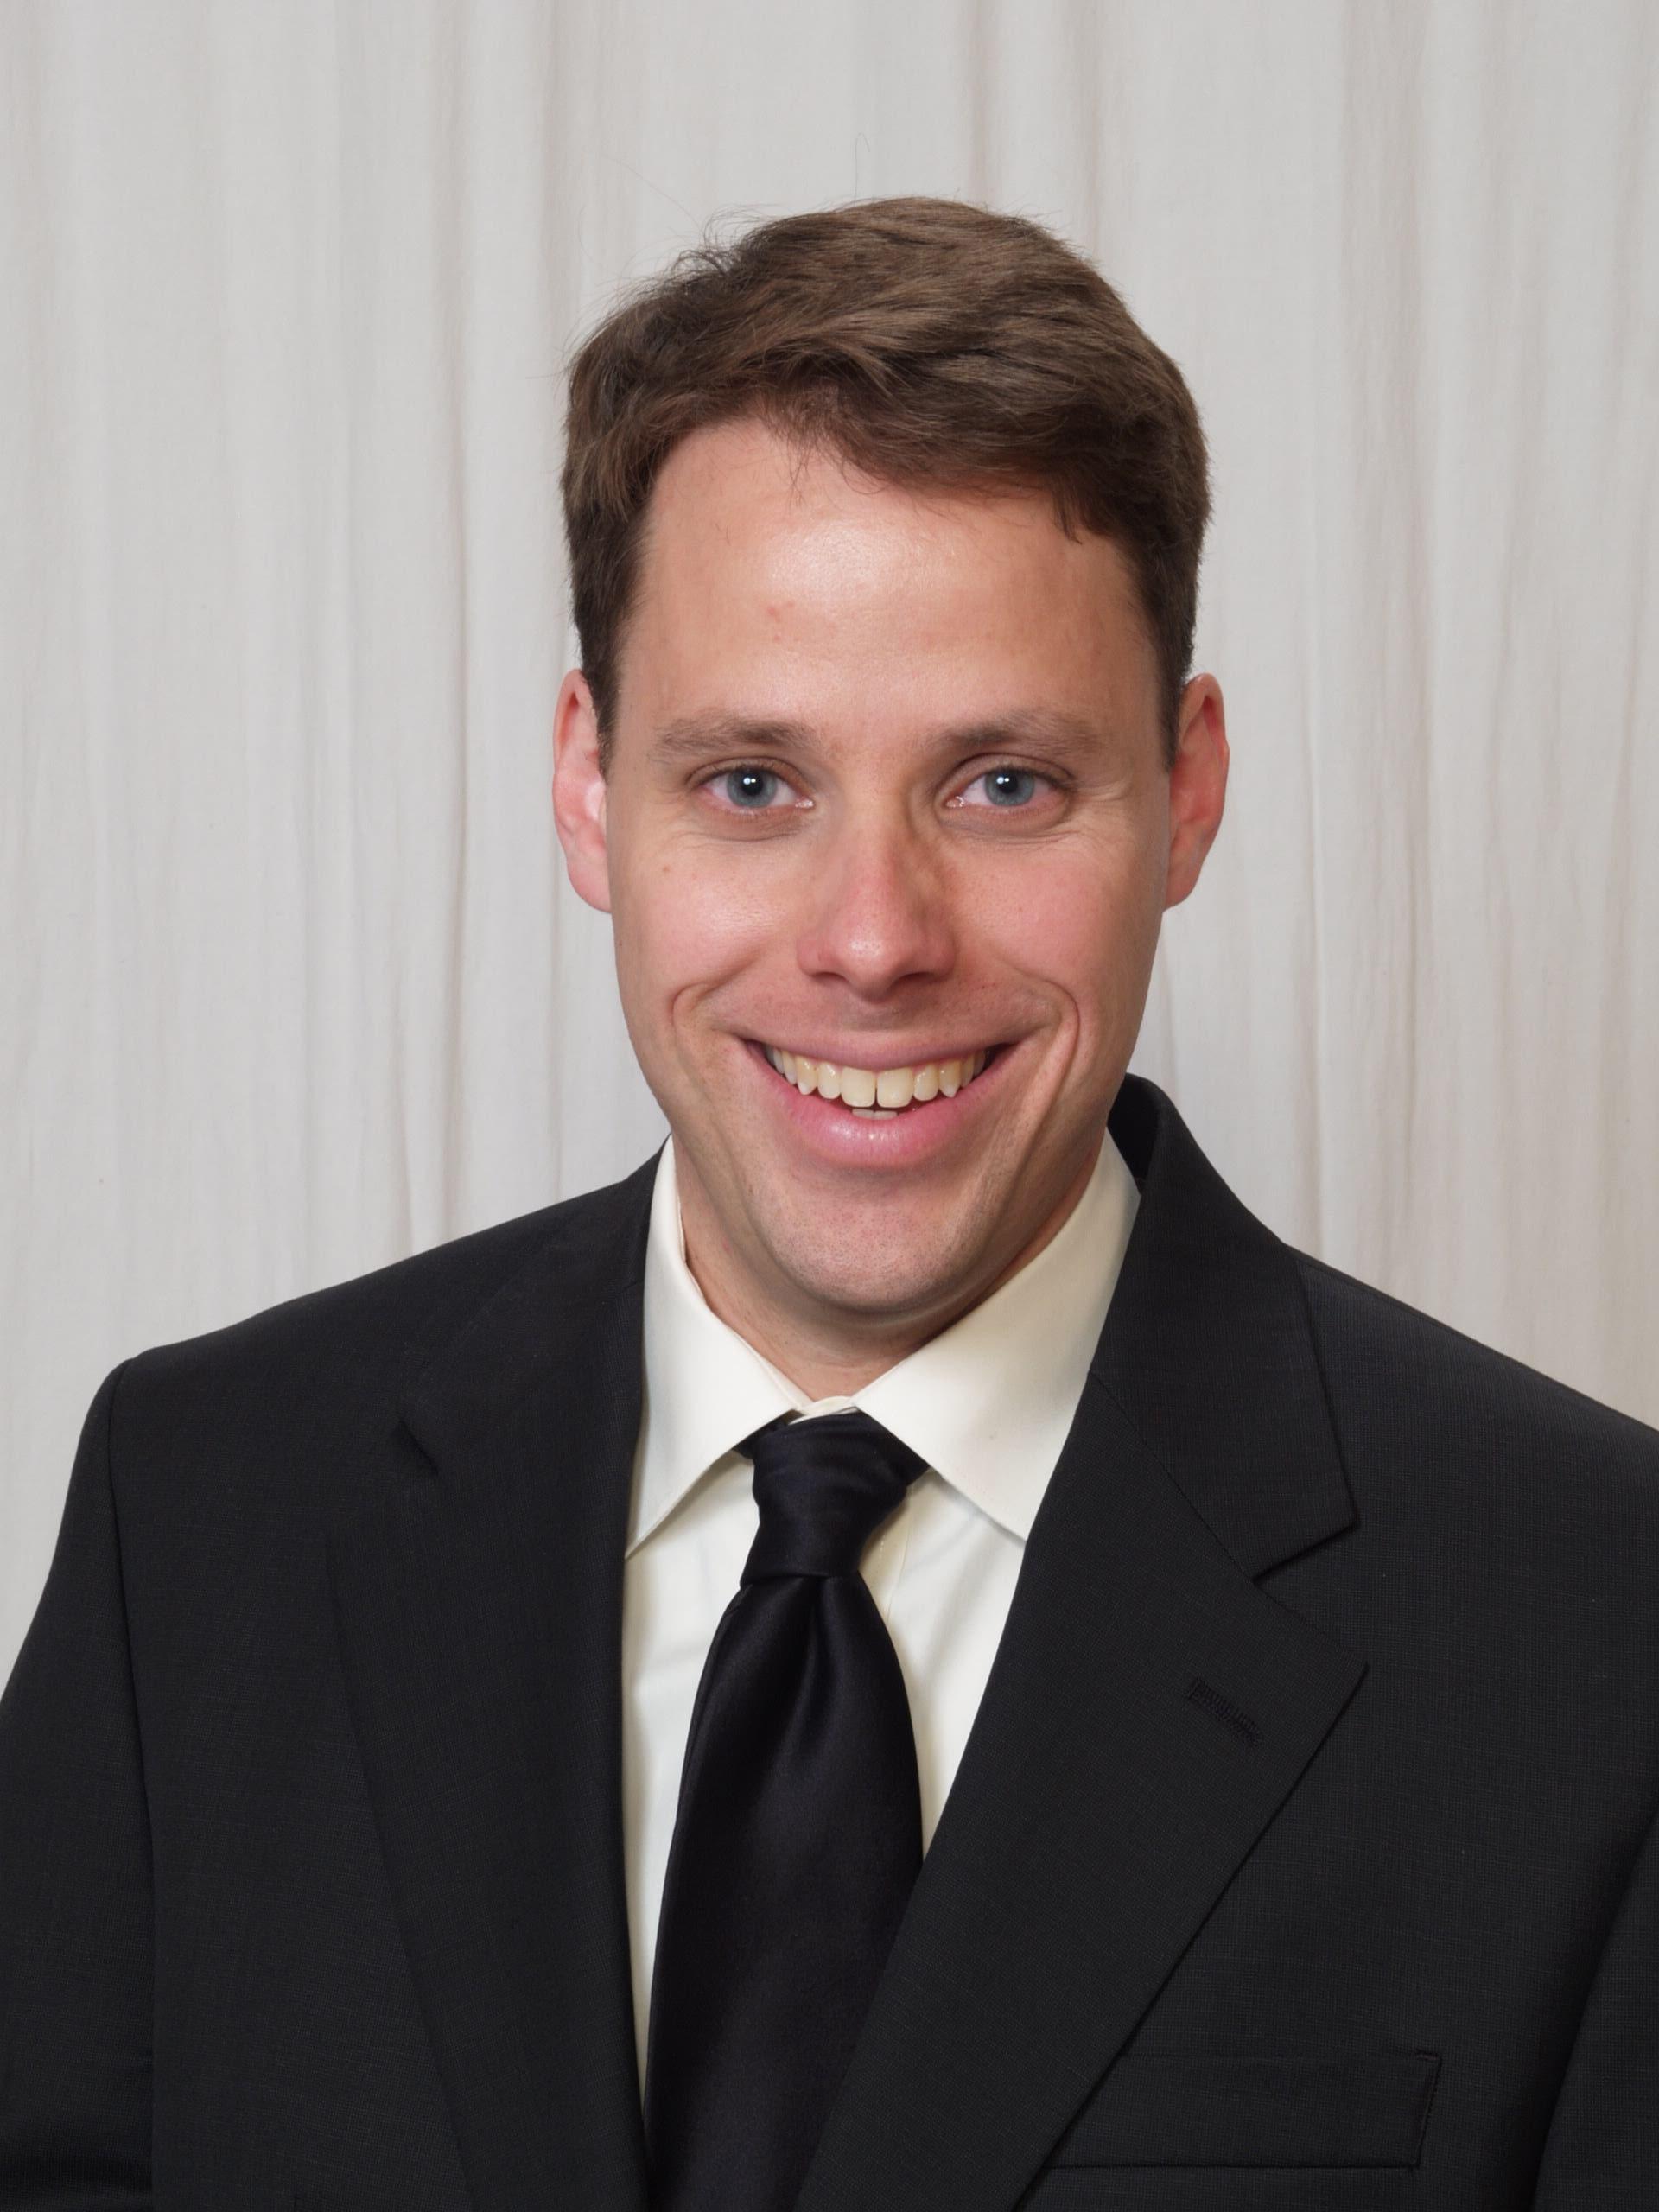 Dr. Shawn M. Carney